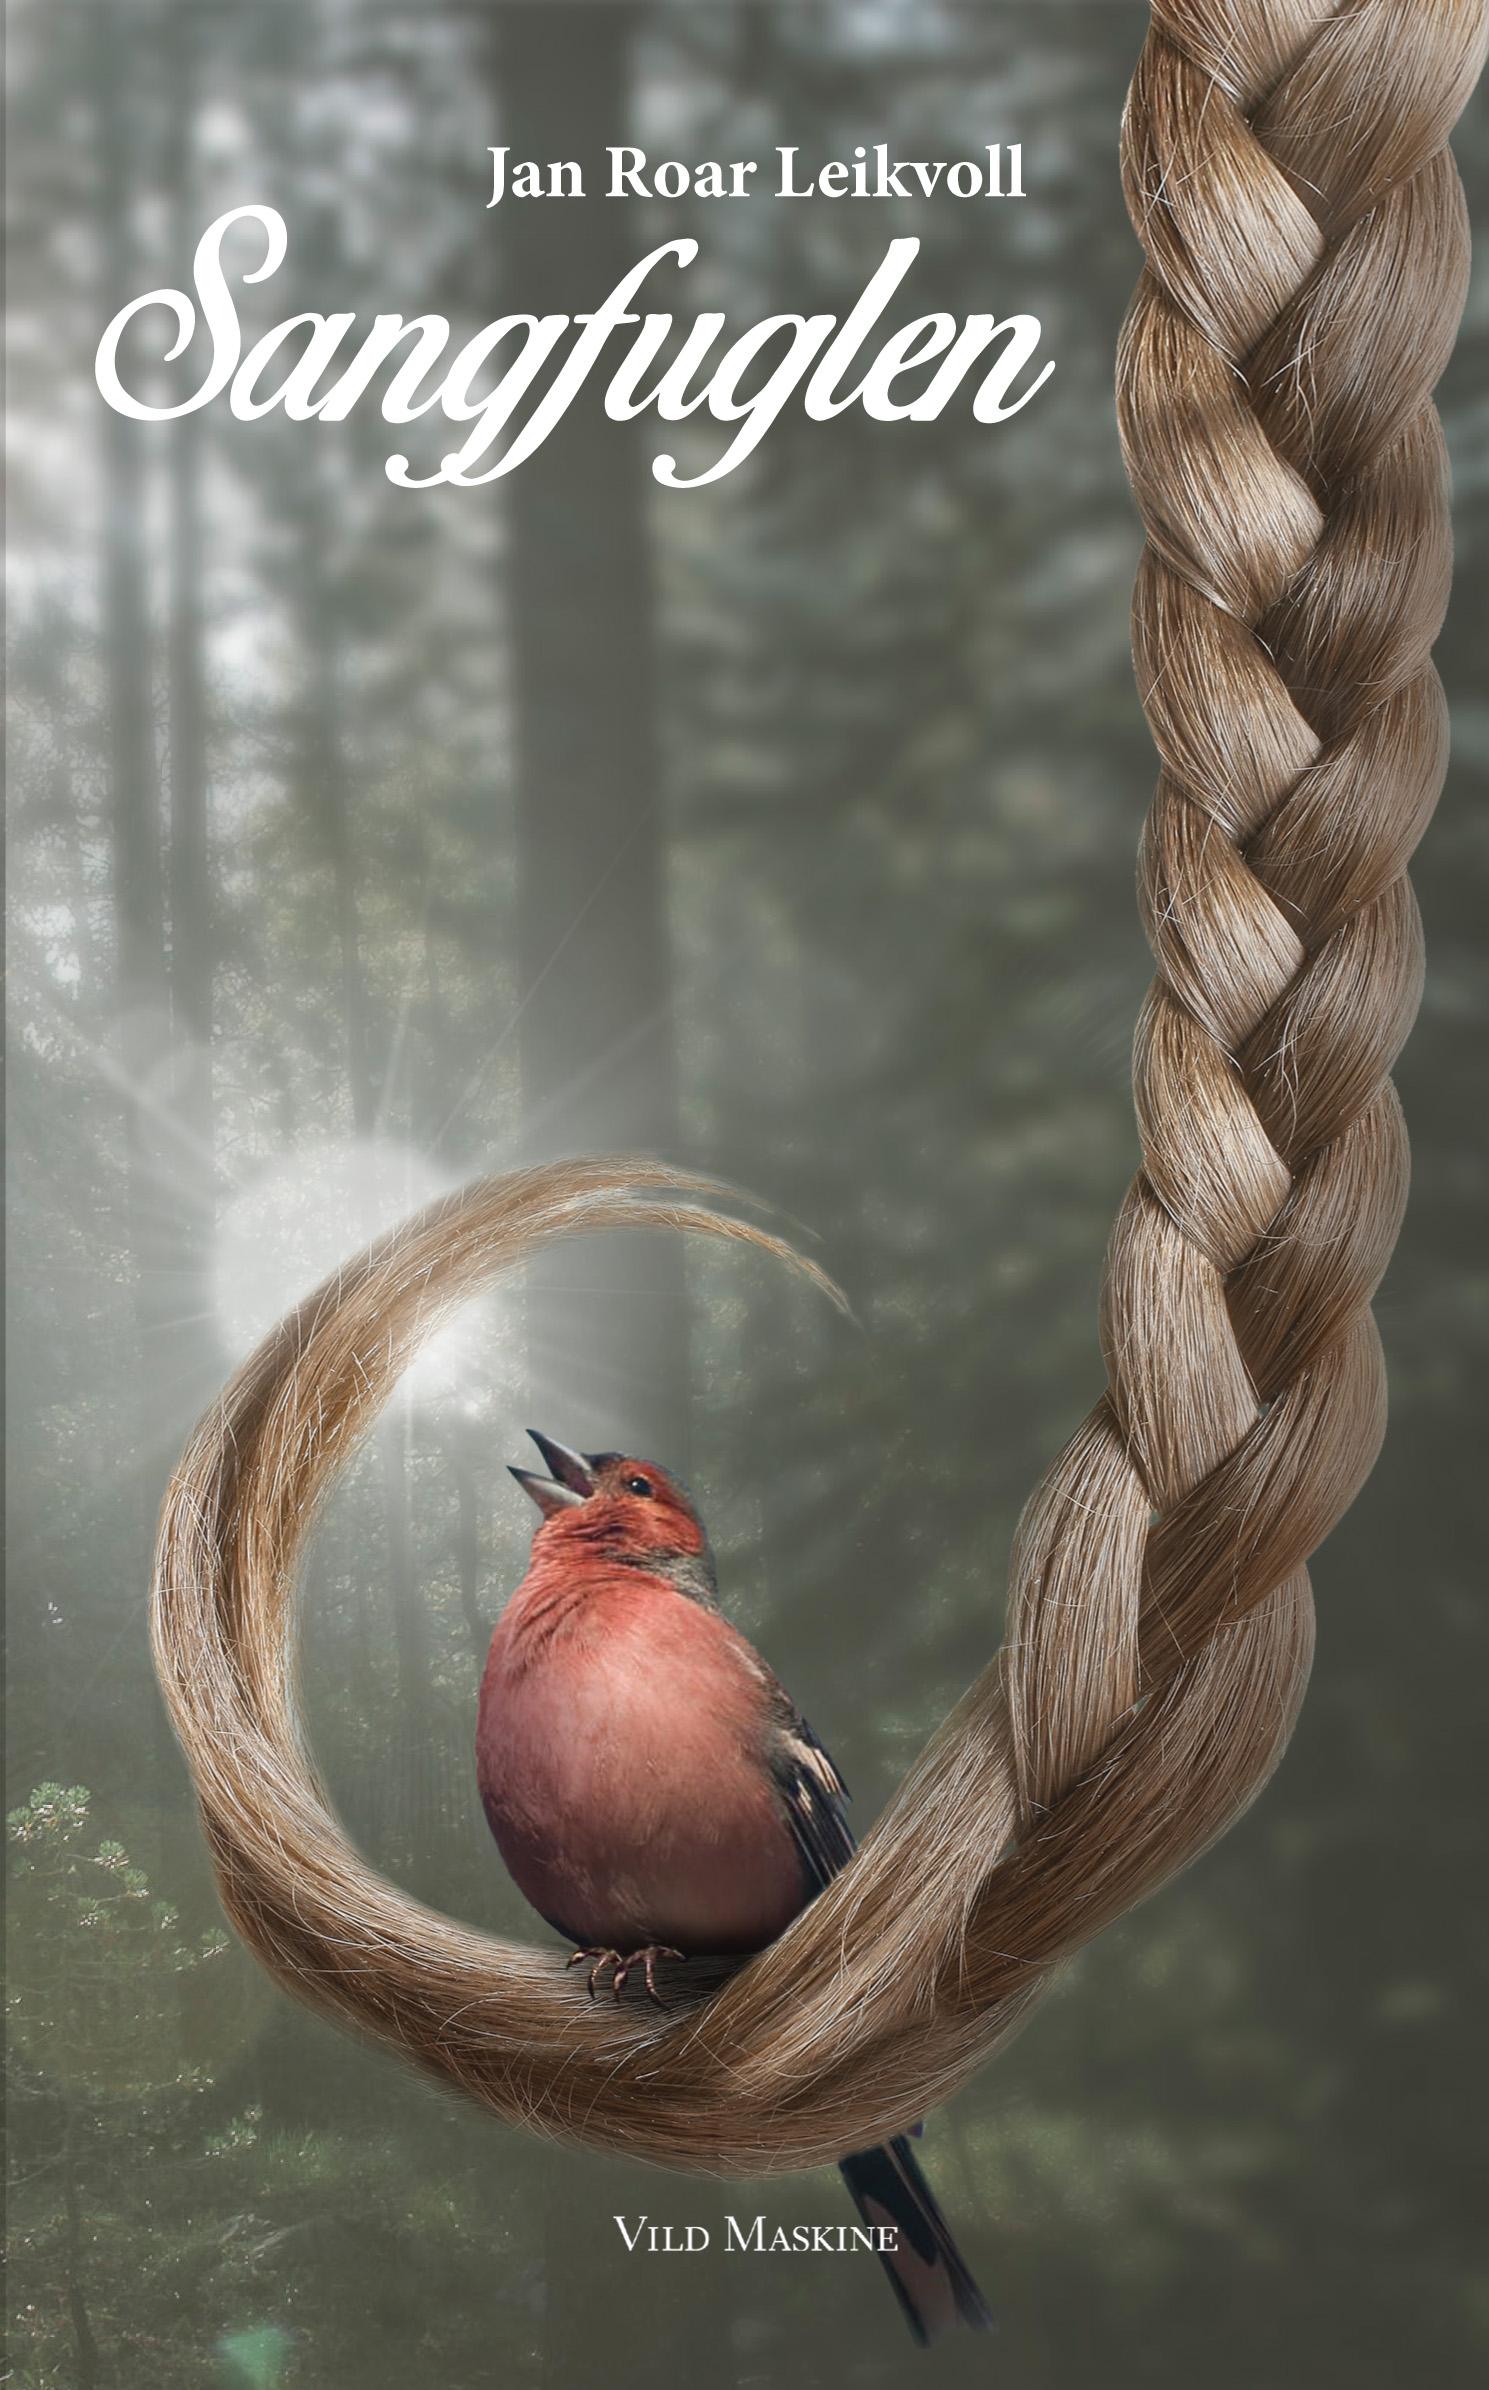 Sangfuglen af Jan Roar Leikvoll - omslag af Arko Højholt